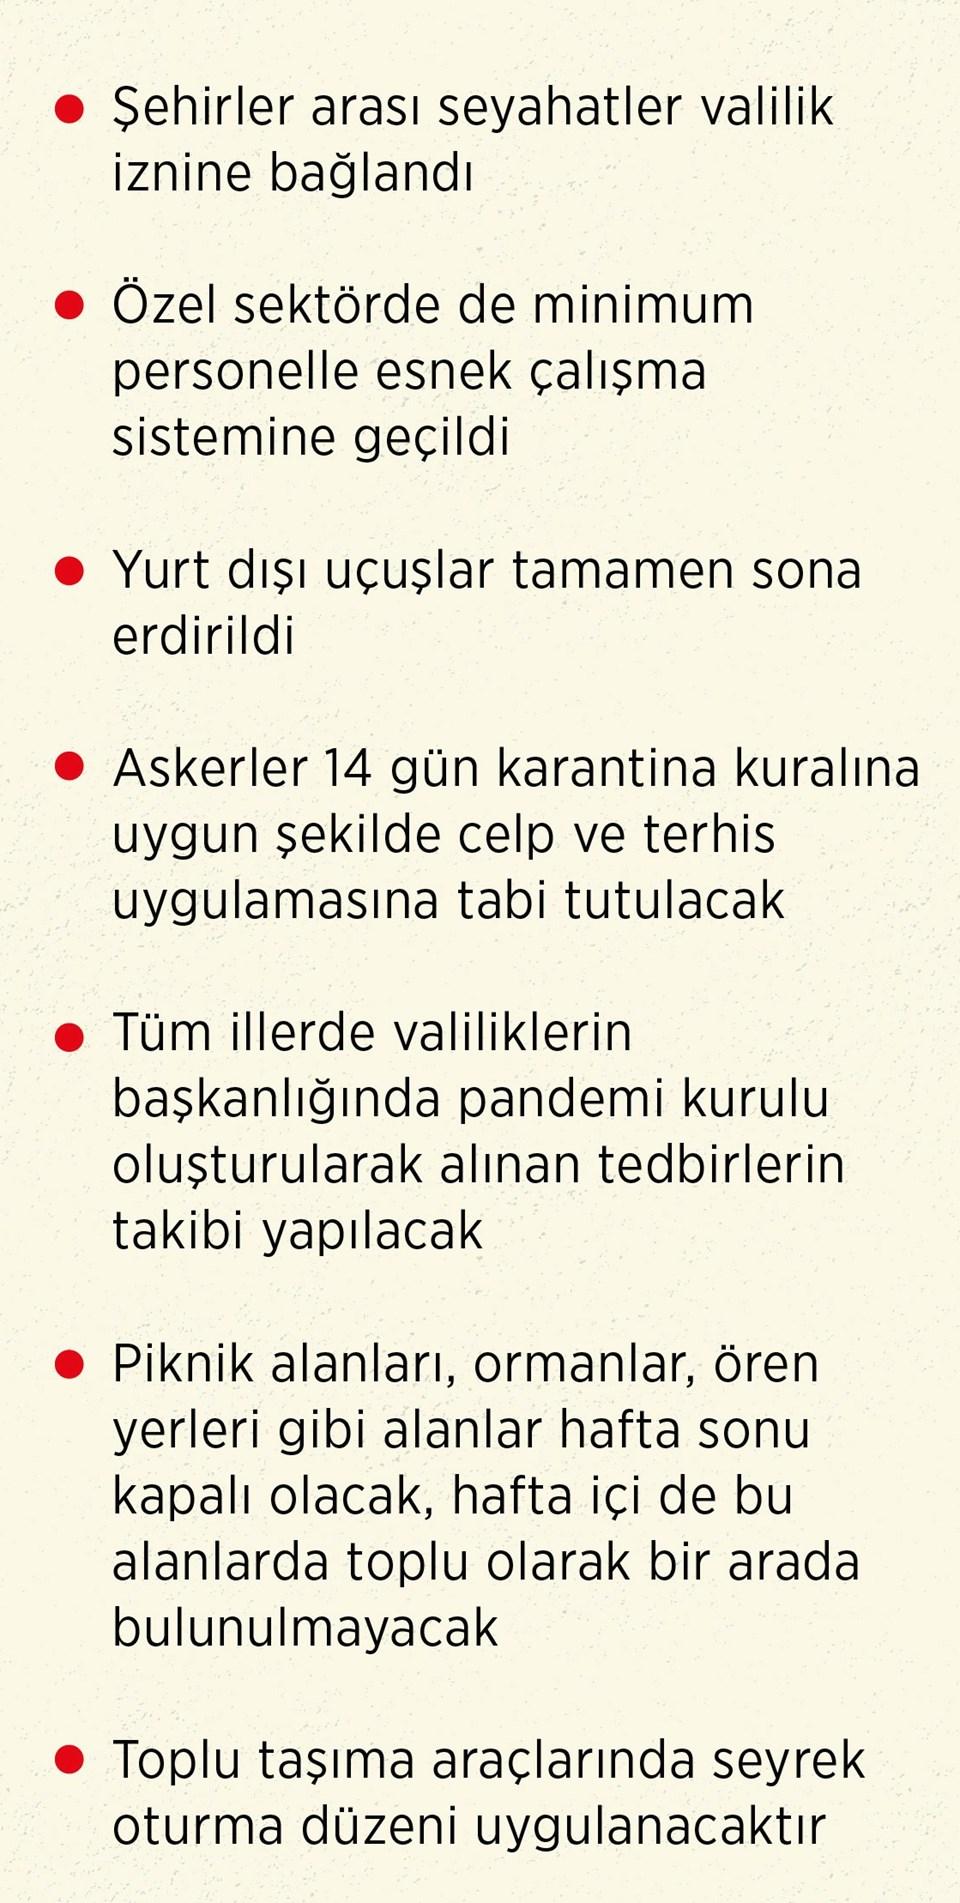 Cumhurbaşkanı Erdoğan Corona virüsle mücadelede yeni tedbirleri açıkladı